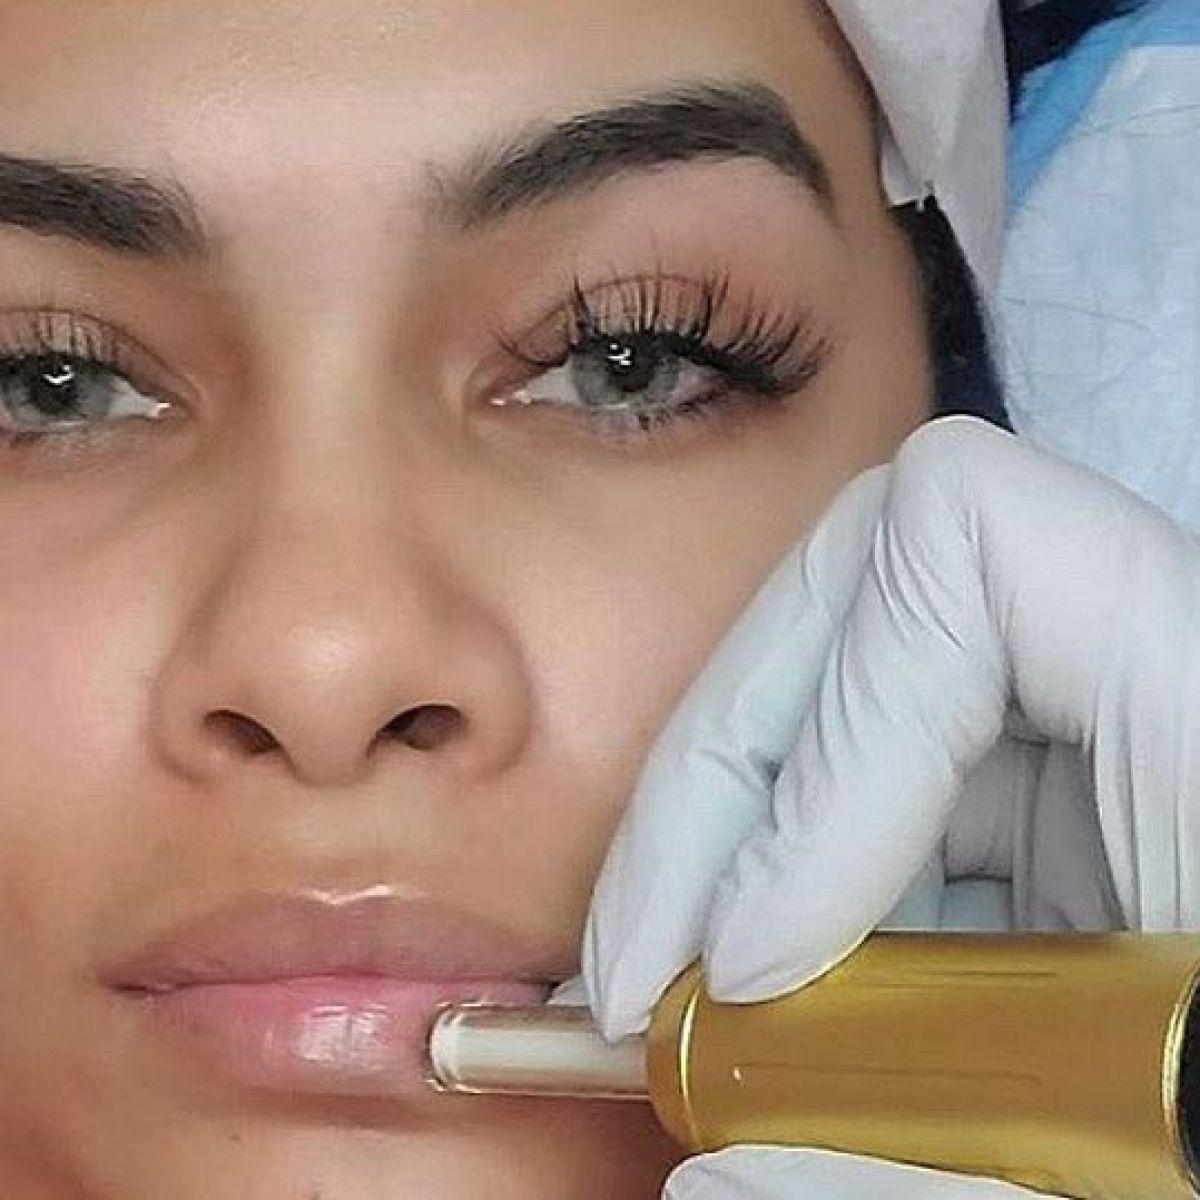 Augmentation lèvres Hyaluron pen à Challes-les-Eaux (73) Par Rachida - Estheca